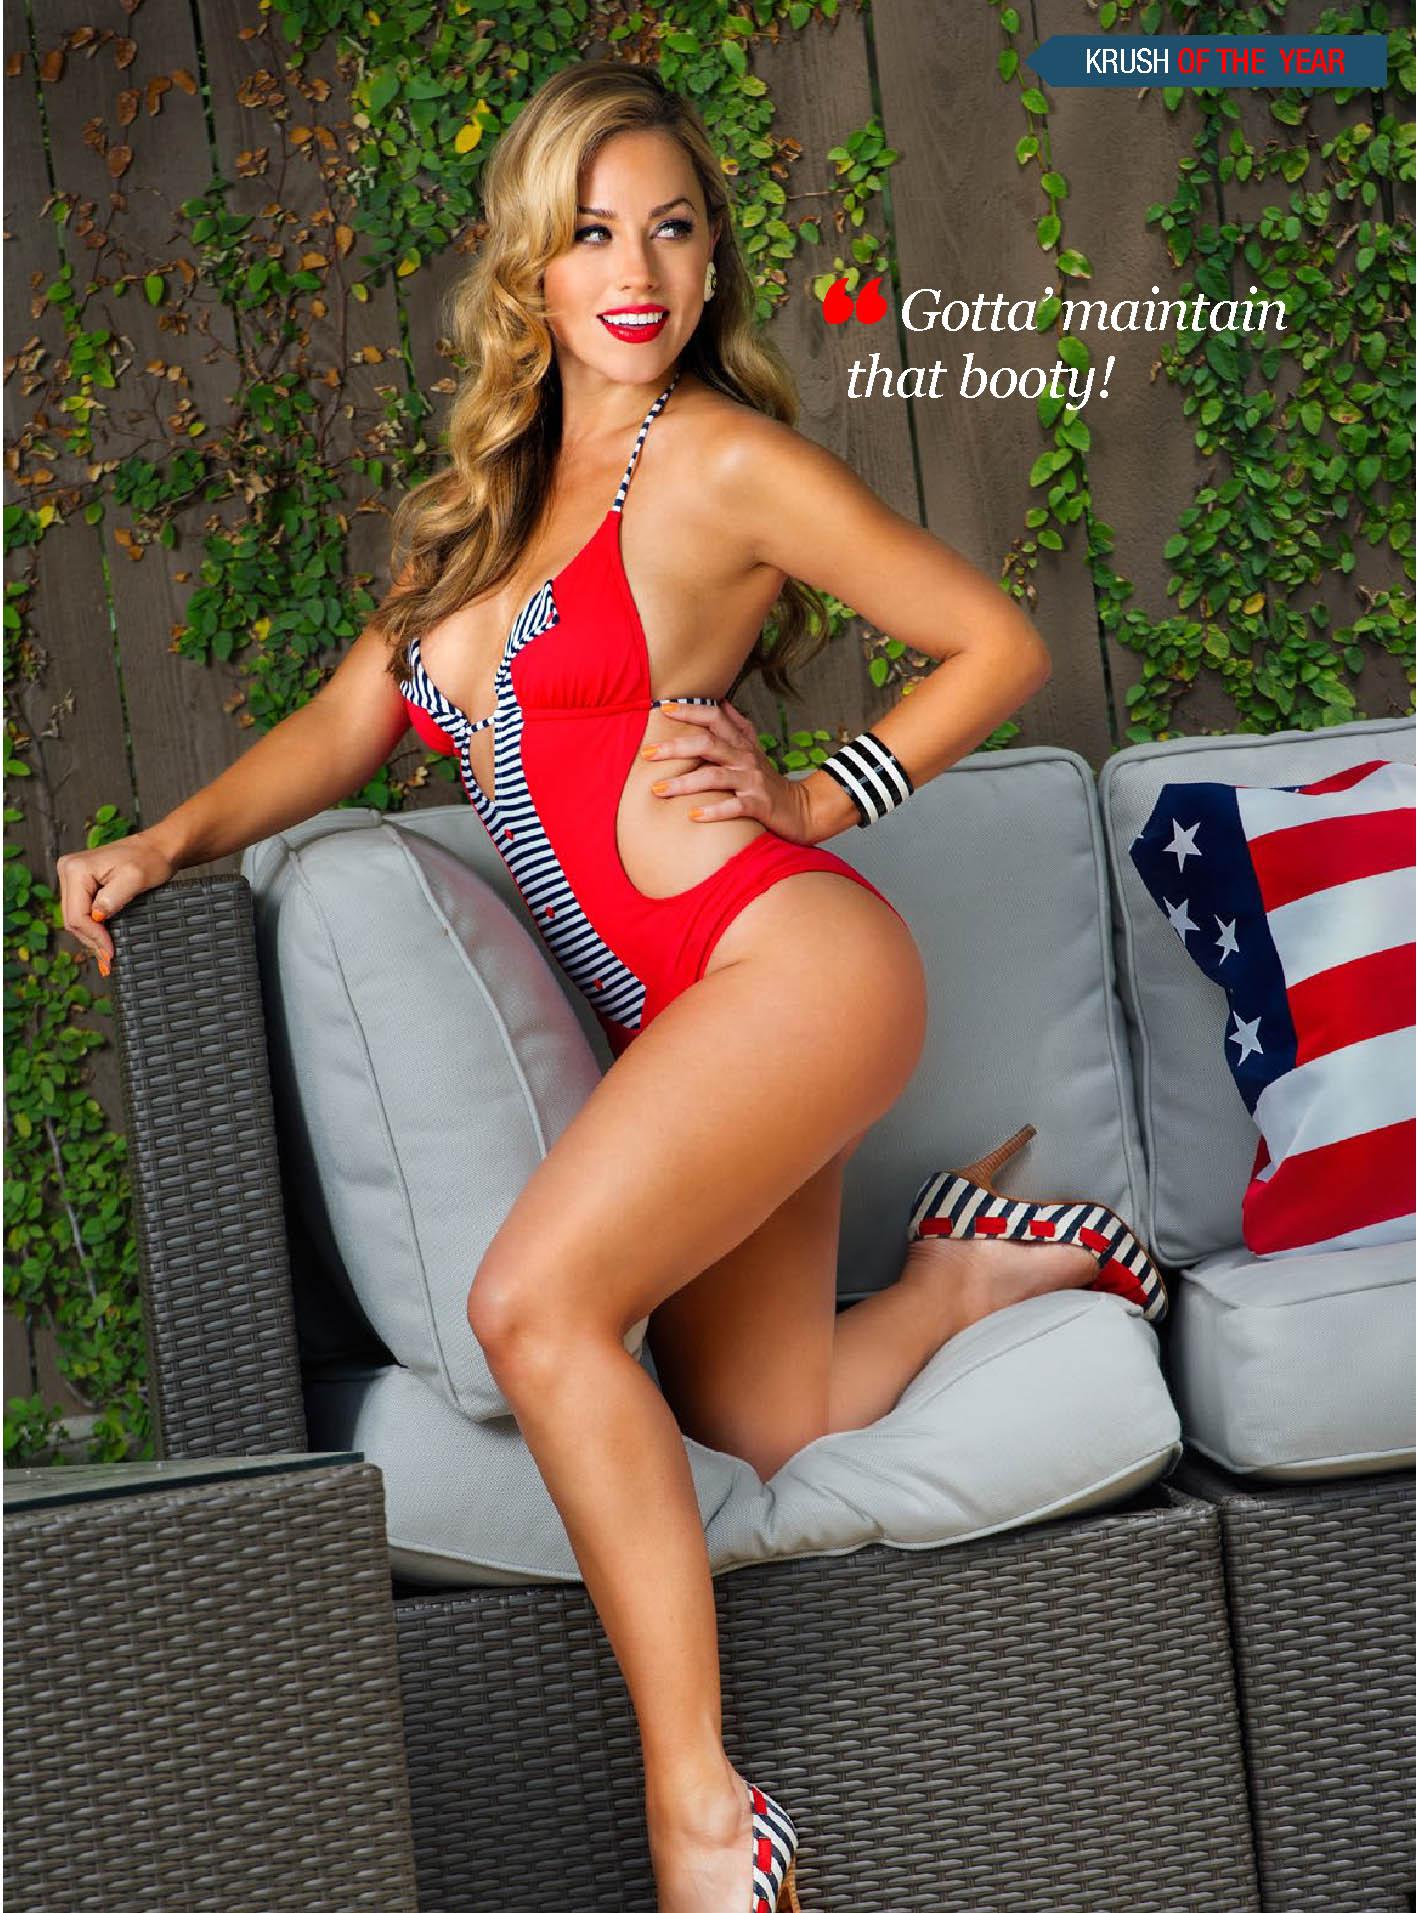 Jessica Hall Kandy Magazine Krush of the Year